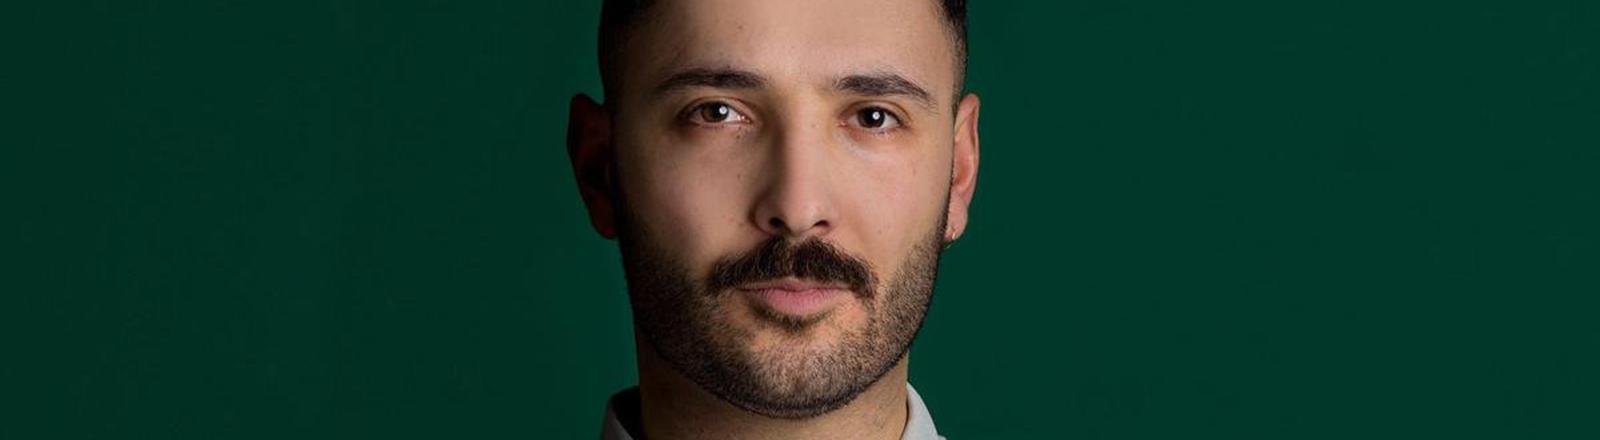 Close up von einem Mann im Poloshirt vor grünem Hintergrund.